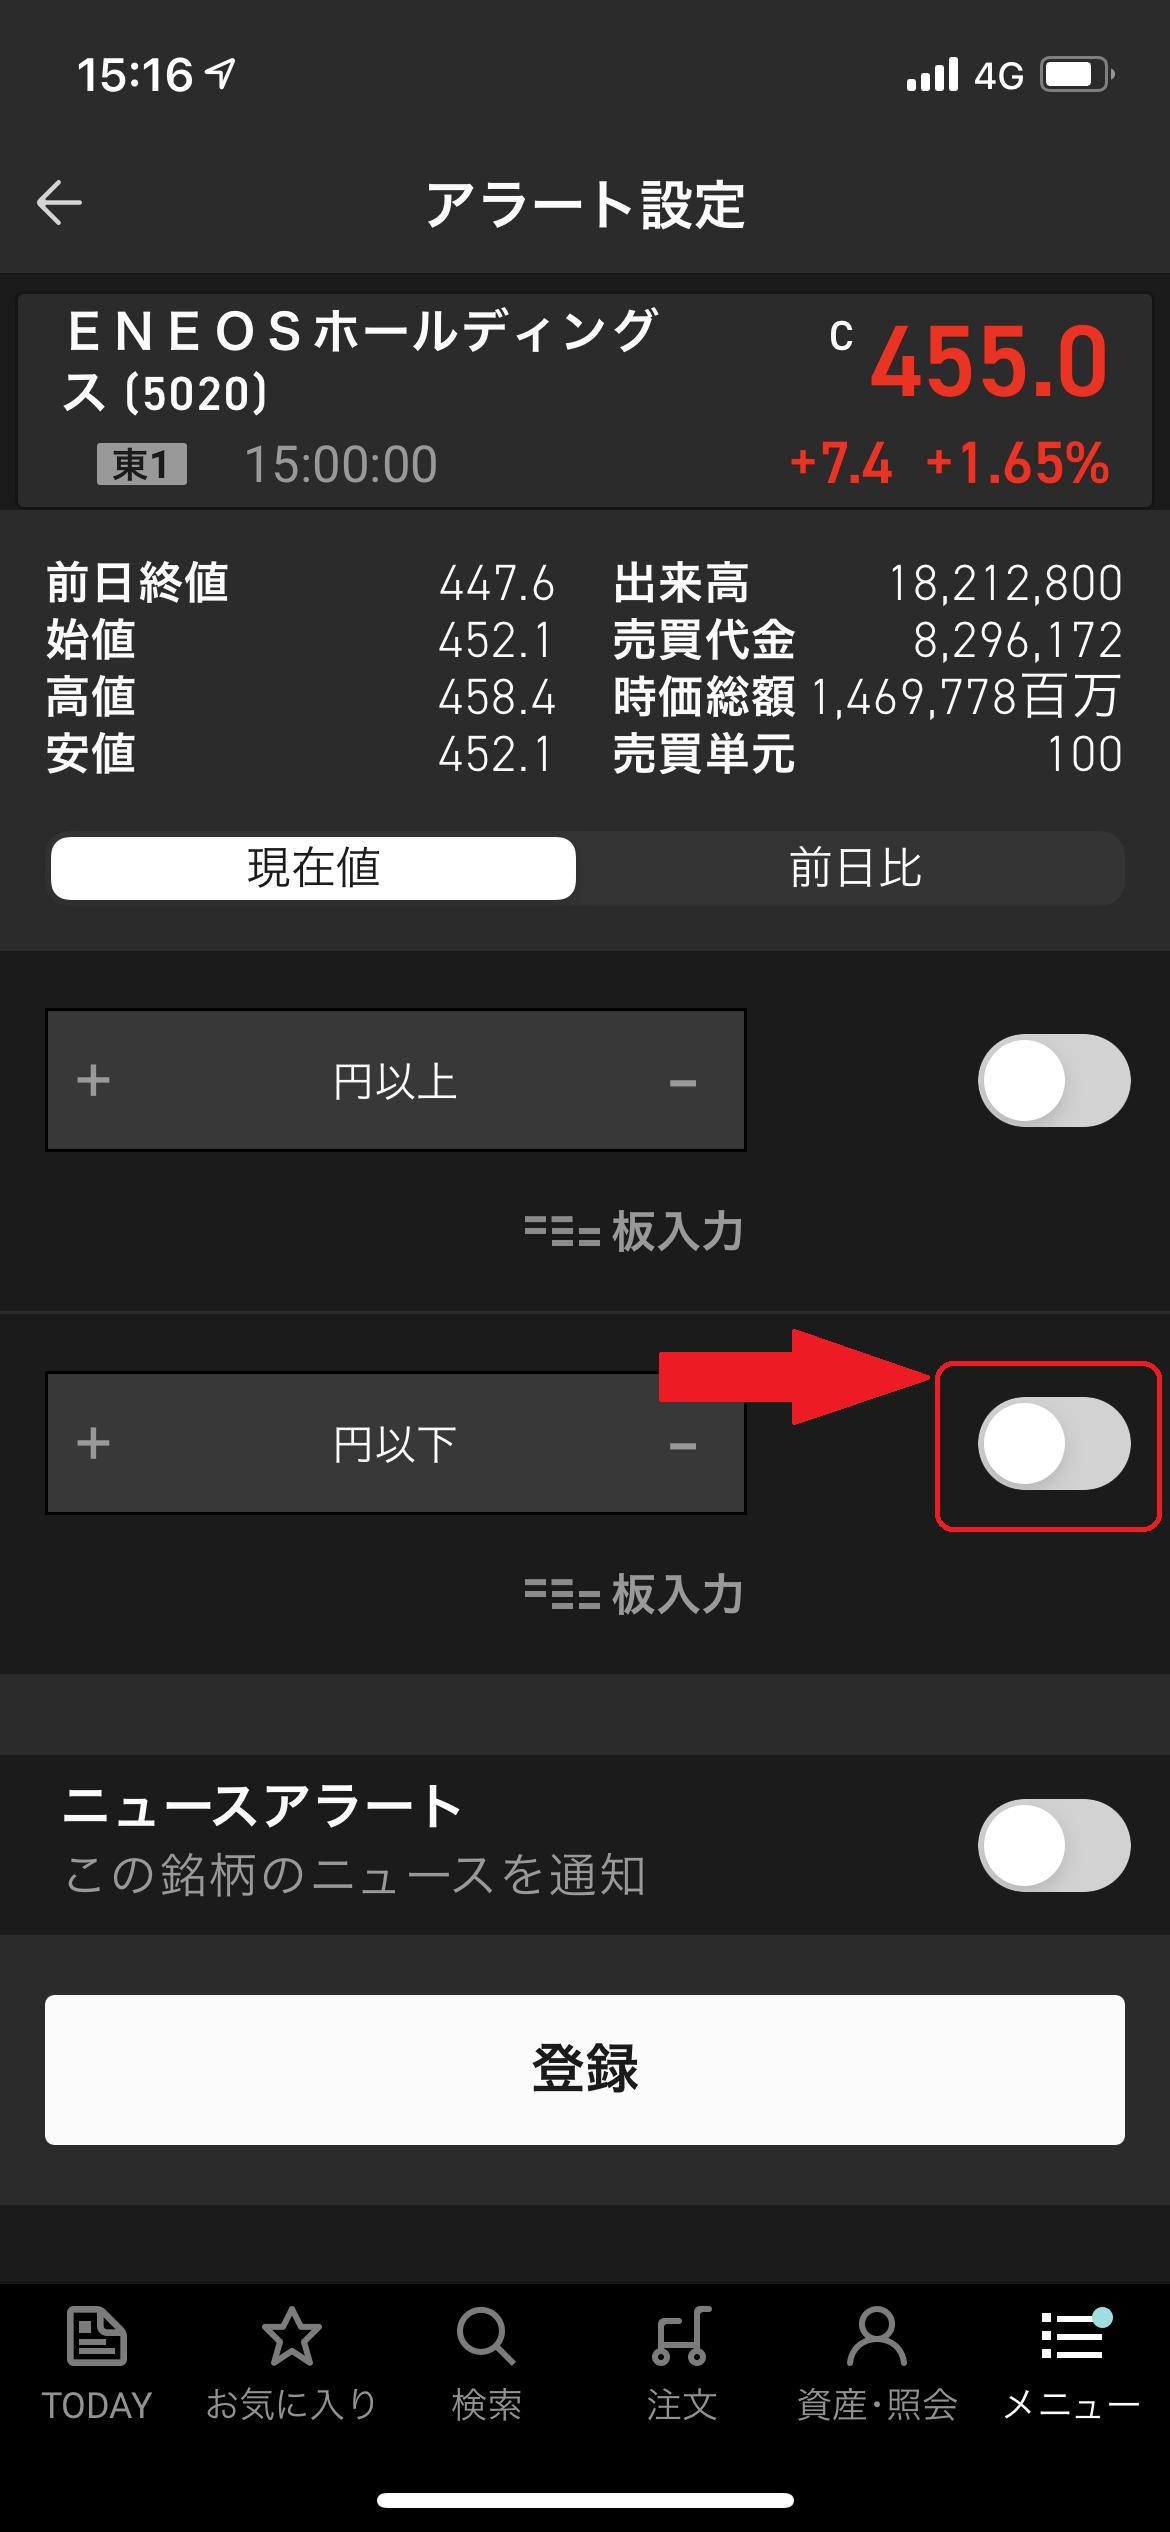 楽天証券のアプリ「iSPEED」のアラート設定画面